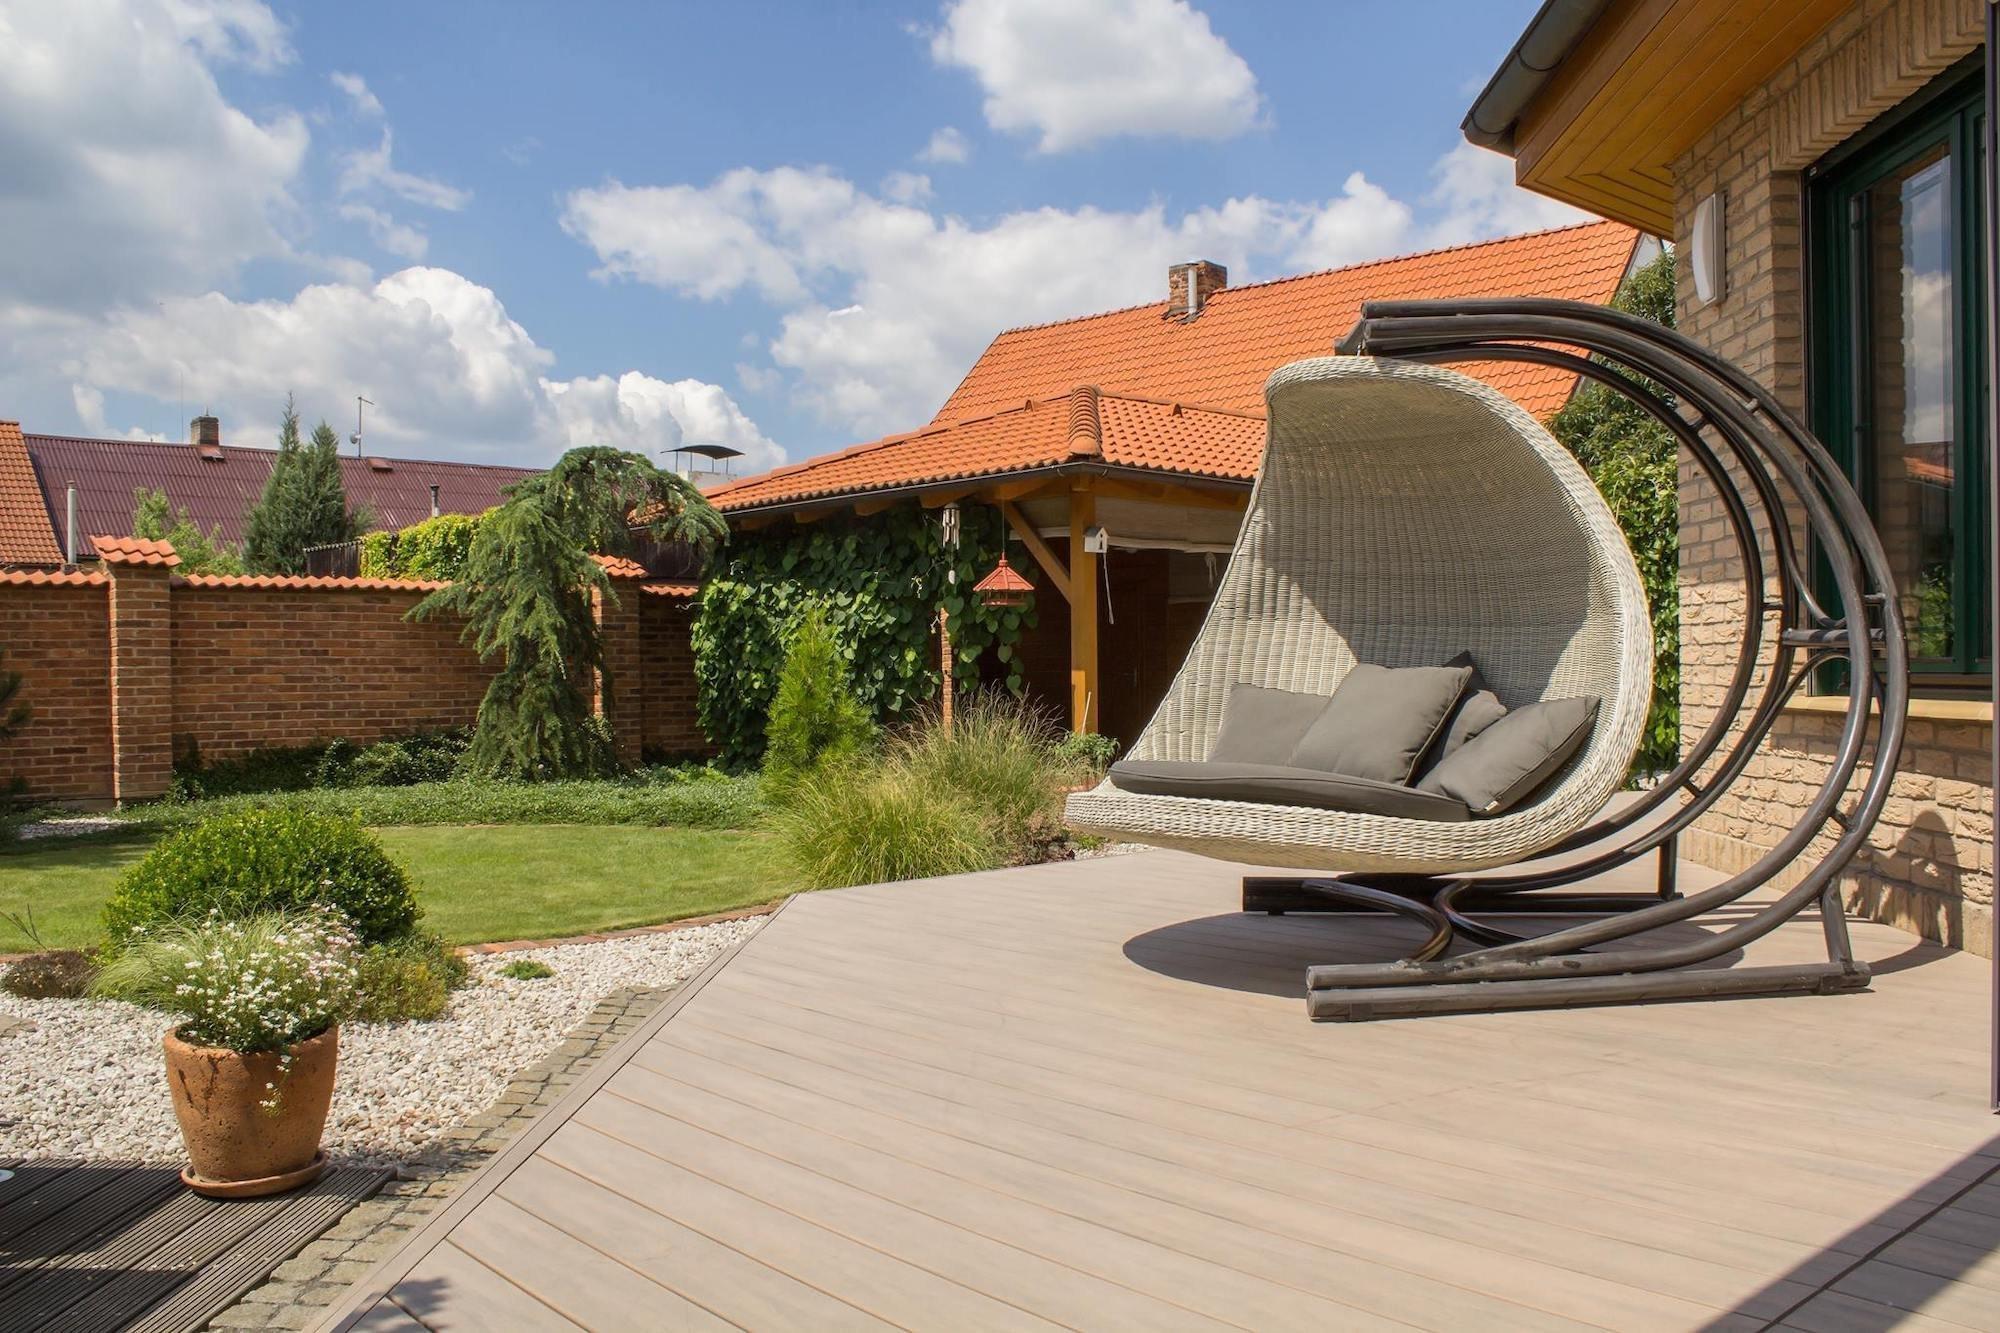 Konečně k nám dorazily slunečné dny a s nimi i čas strávený prací na zahradě nebo odpočinkem na terase. Každý tak po náročném dni jistě ocení relax na terase, která se bez naší péče obejde. Jako skvělá volba se tak jeví bezúdržbová terasa z dřevoplastu, která nám může nabídnout ještě celou řadu pozitivních vlastností.